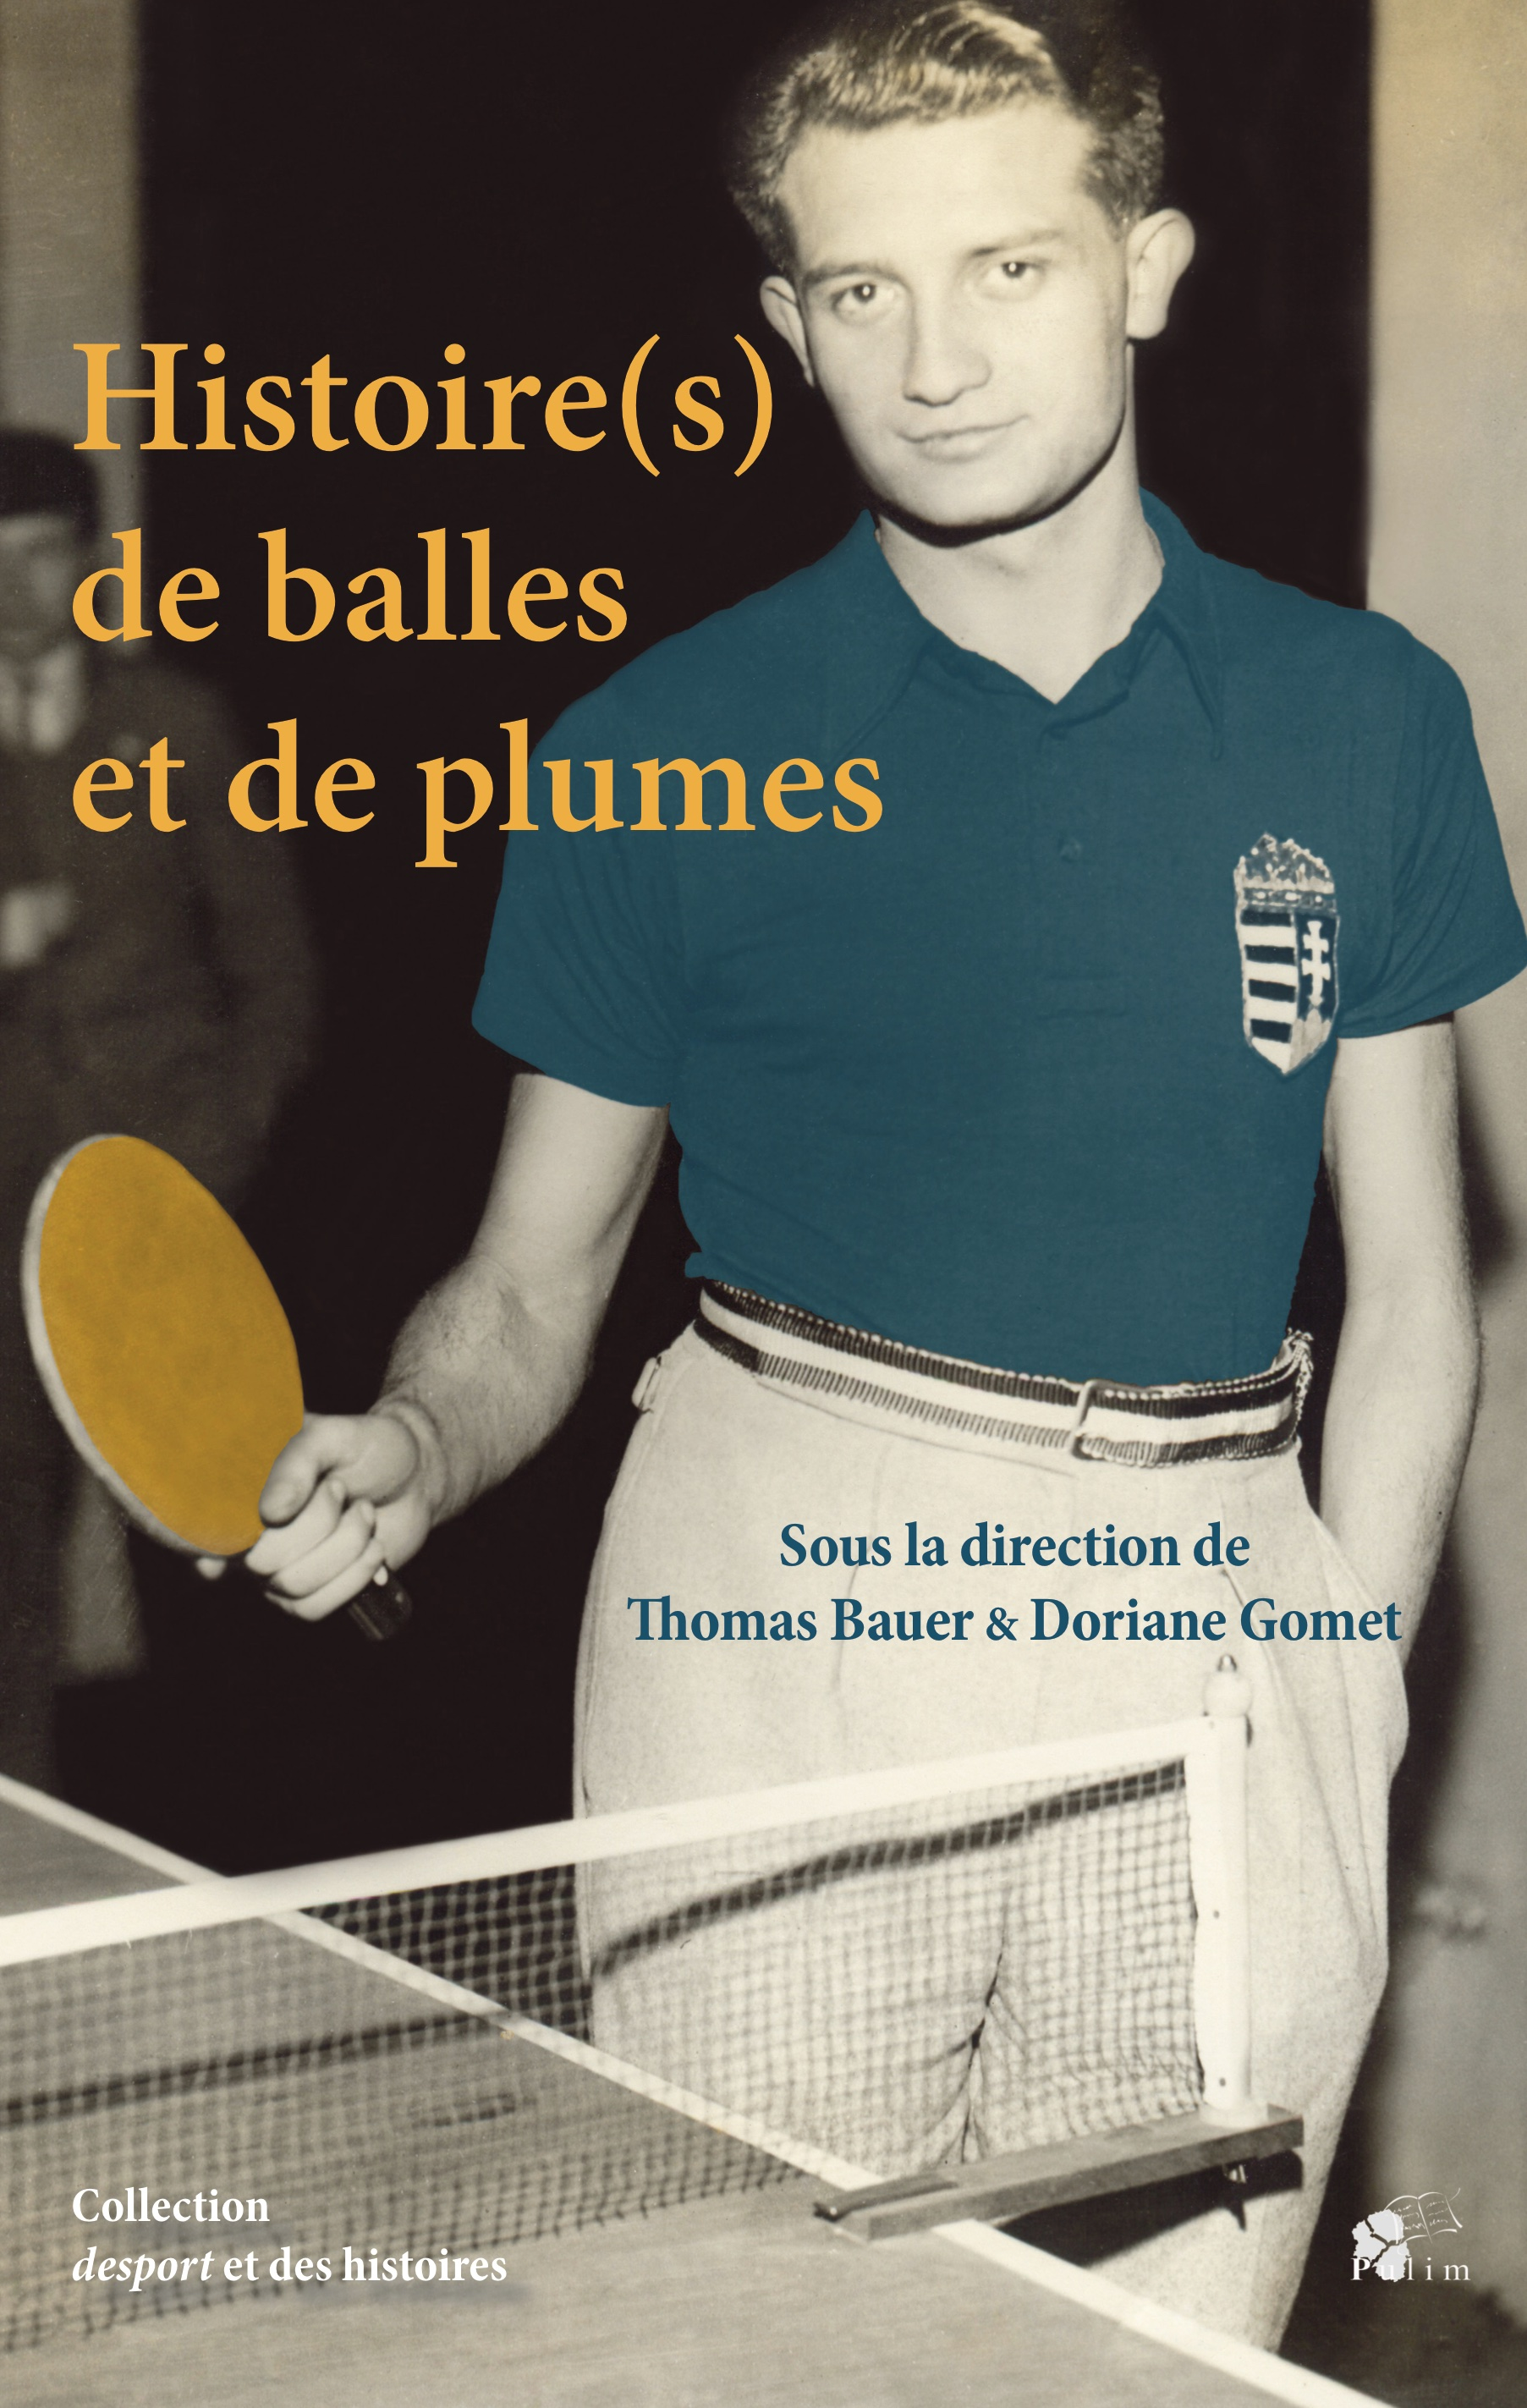 Th. Bauer, D. Gomet (dir.), Histoire(s) de balles et de plumes